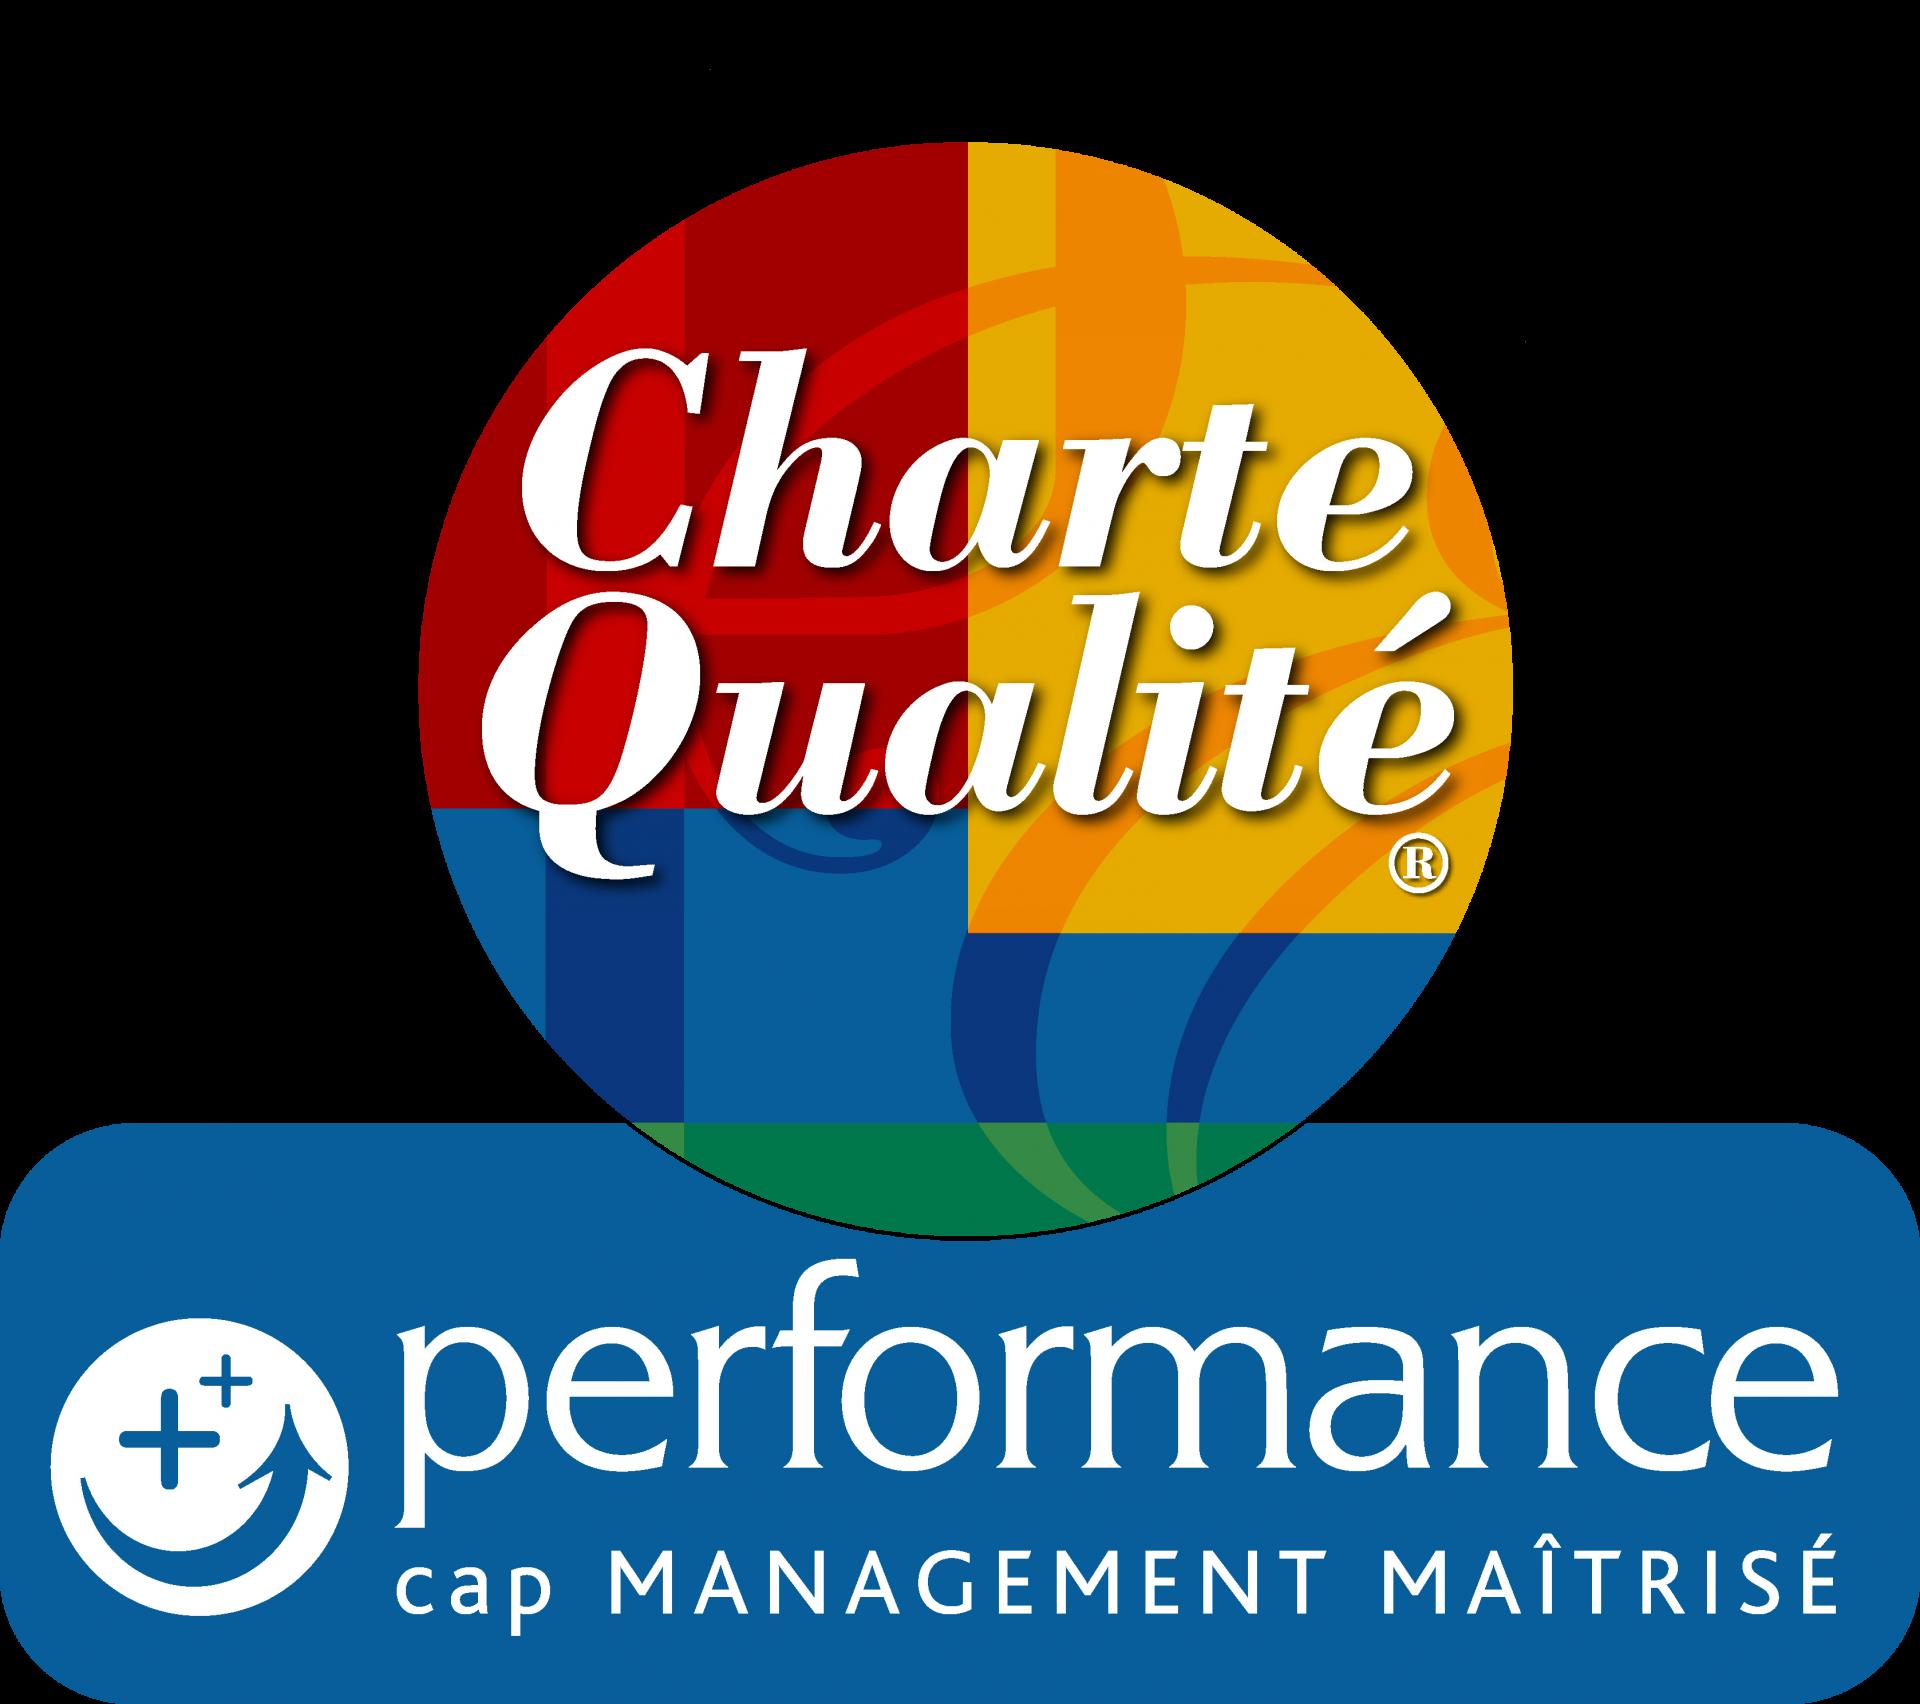 Charte qualité perfomance